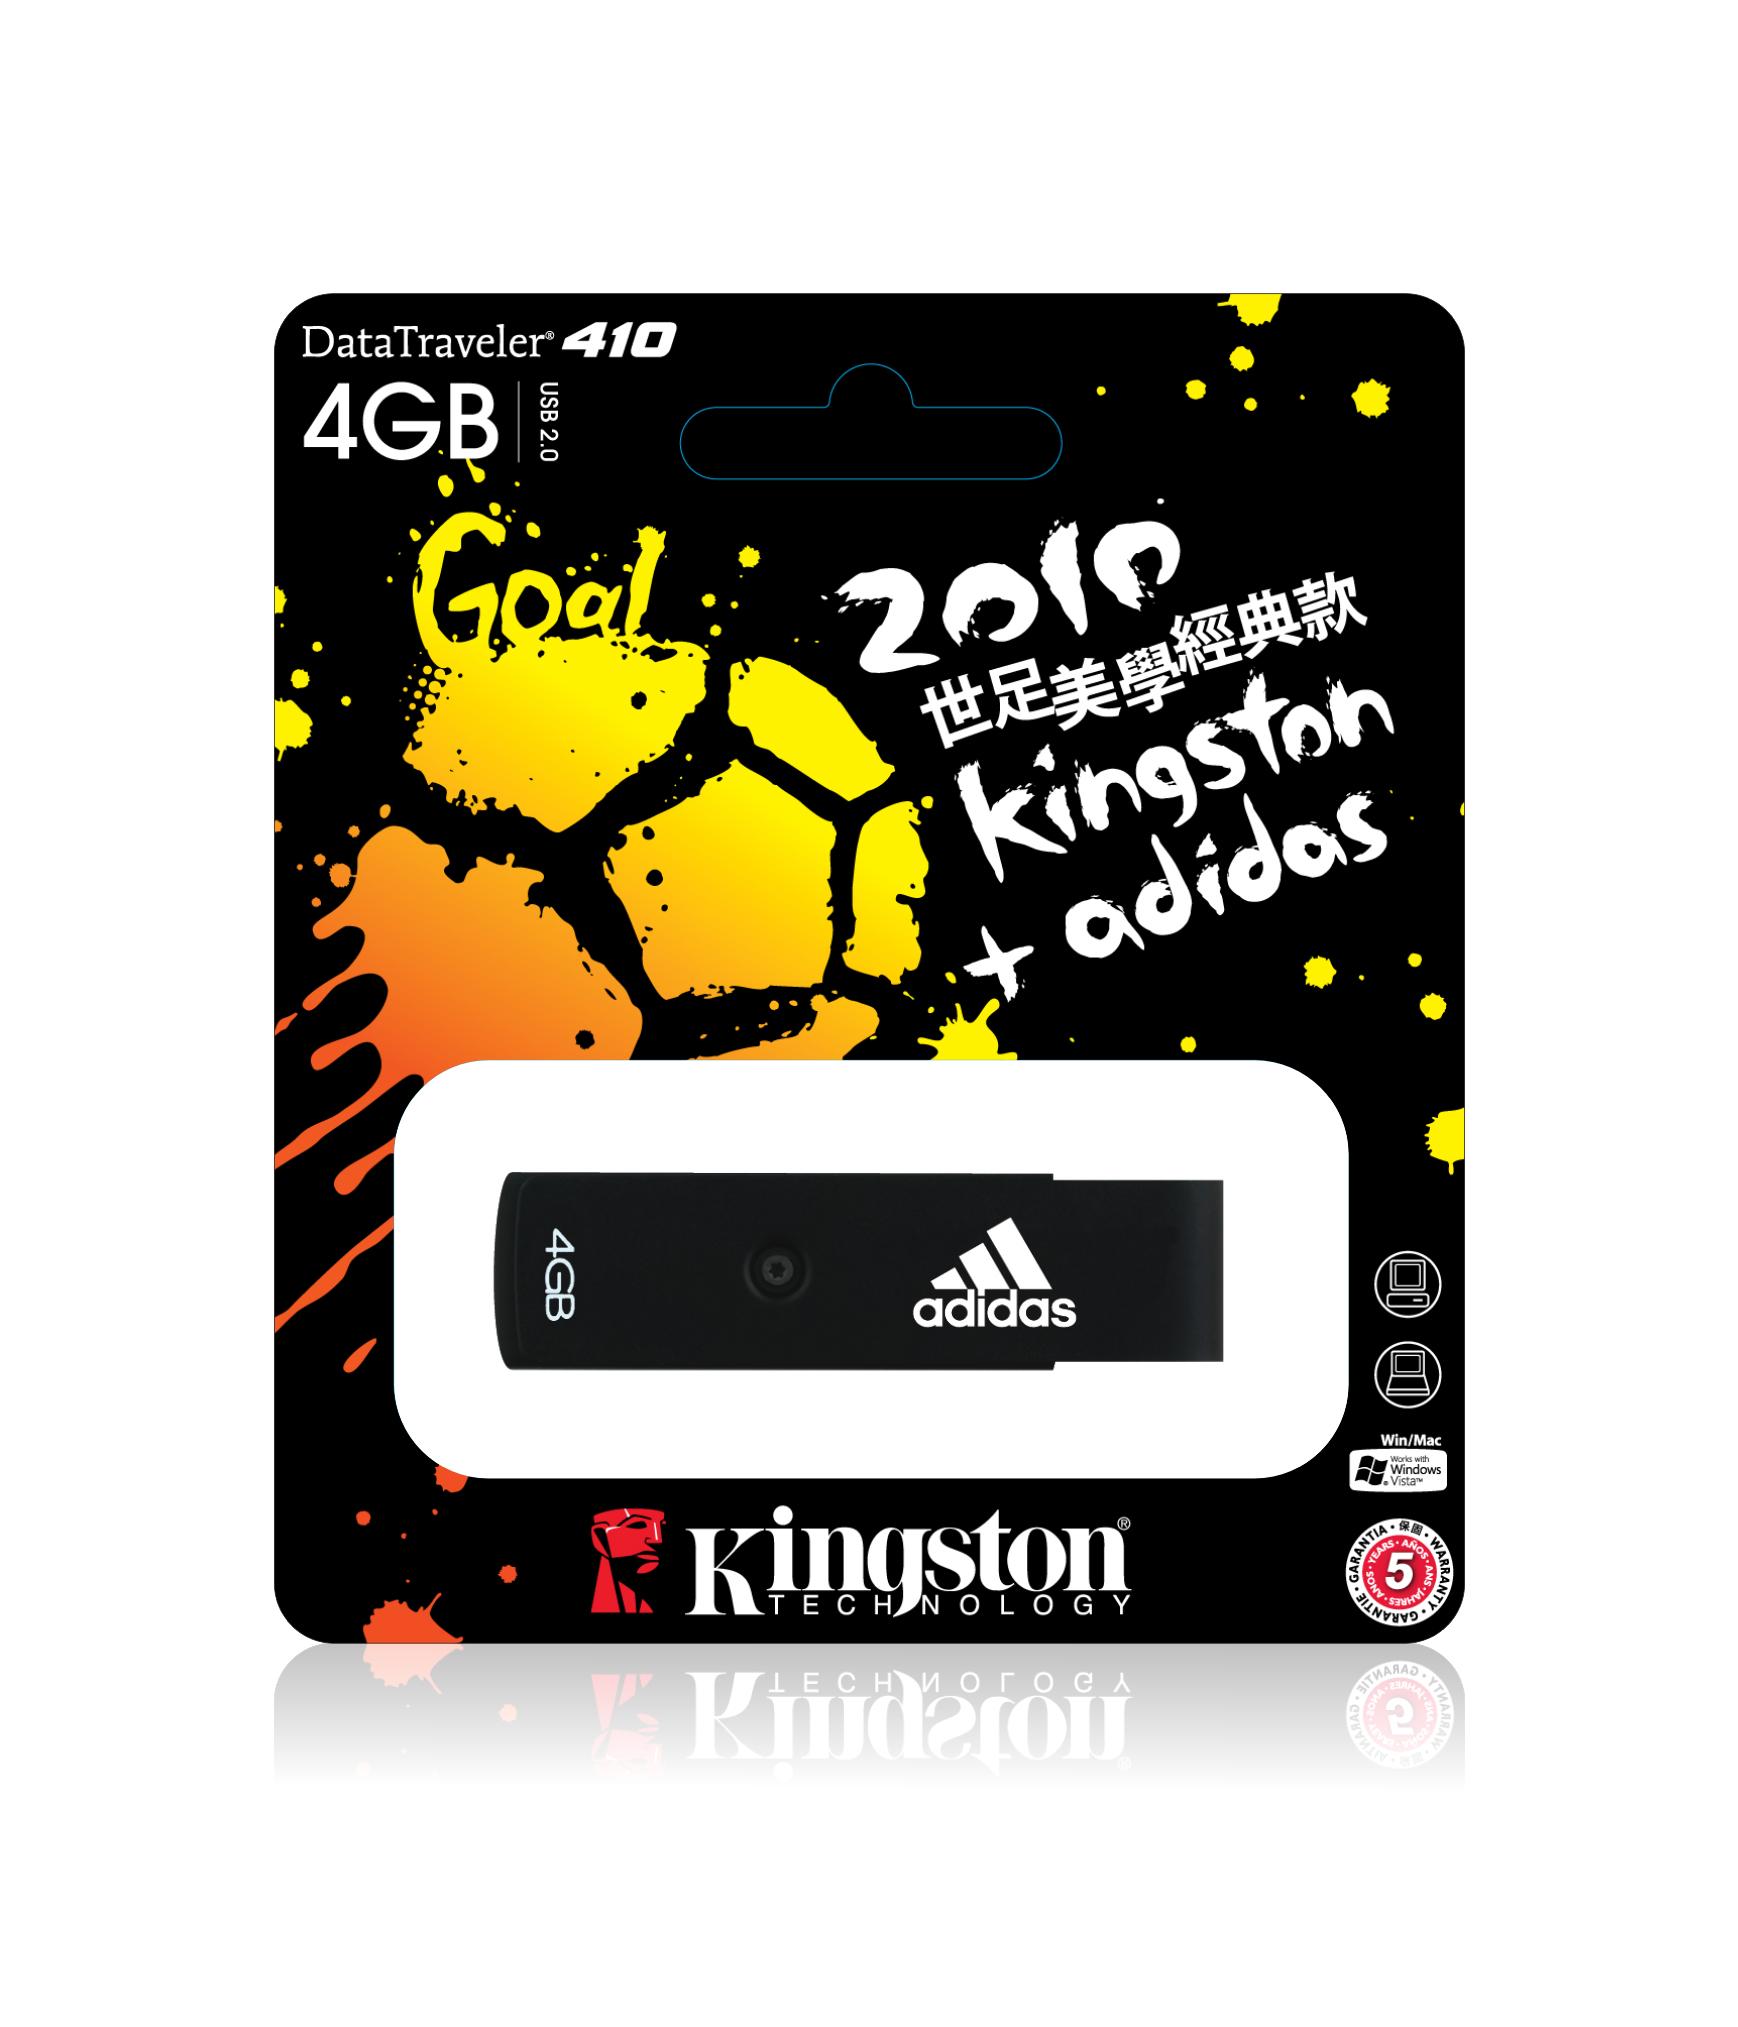 全球大事件 Kingston與adidas邀您一同體驗世足熱浪